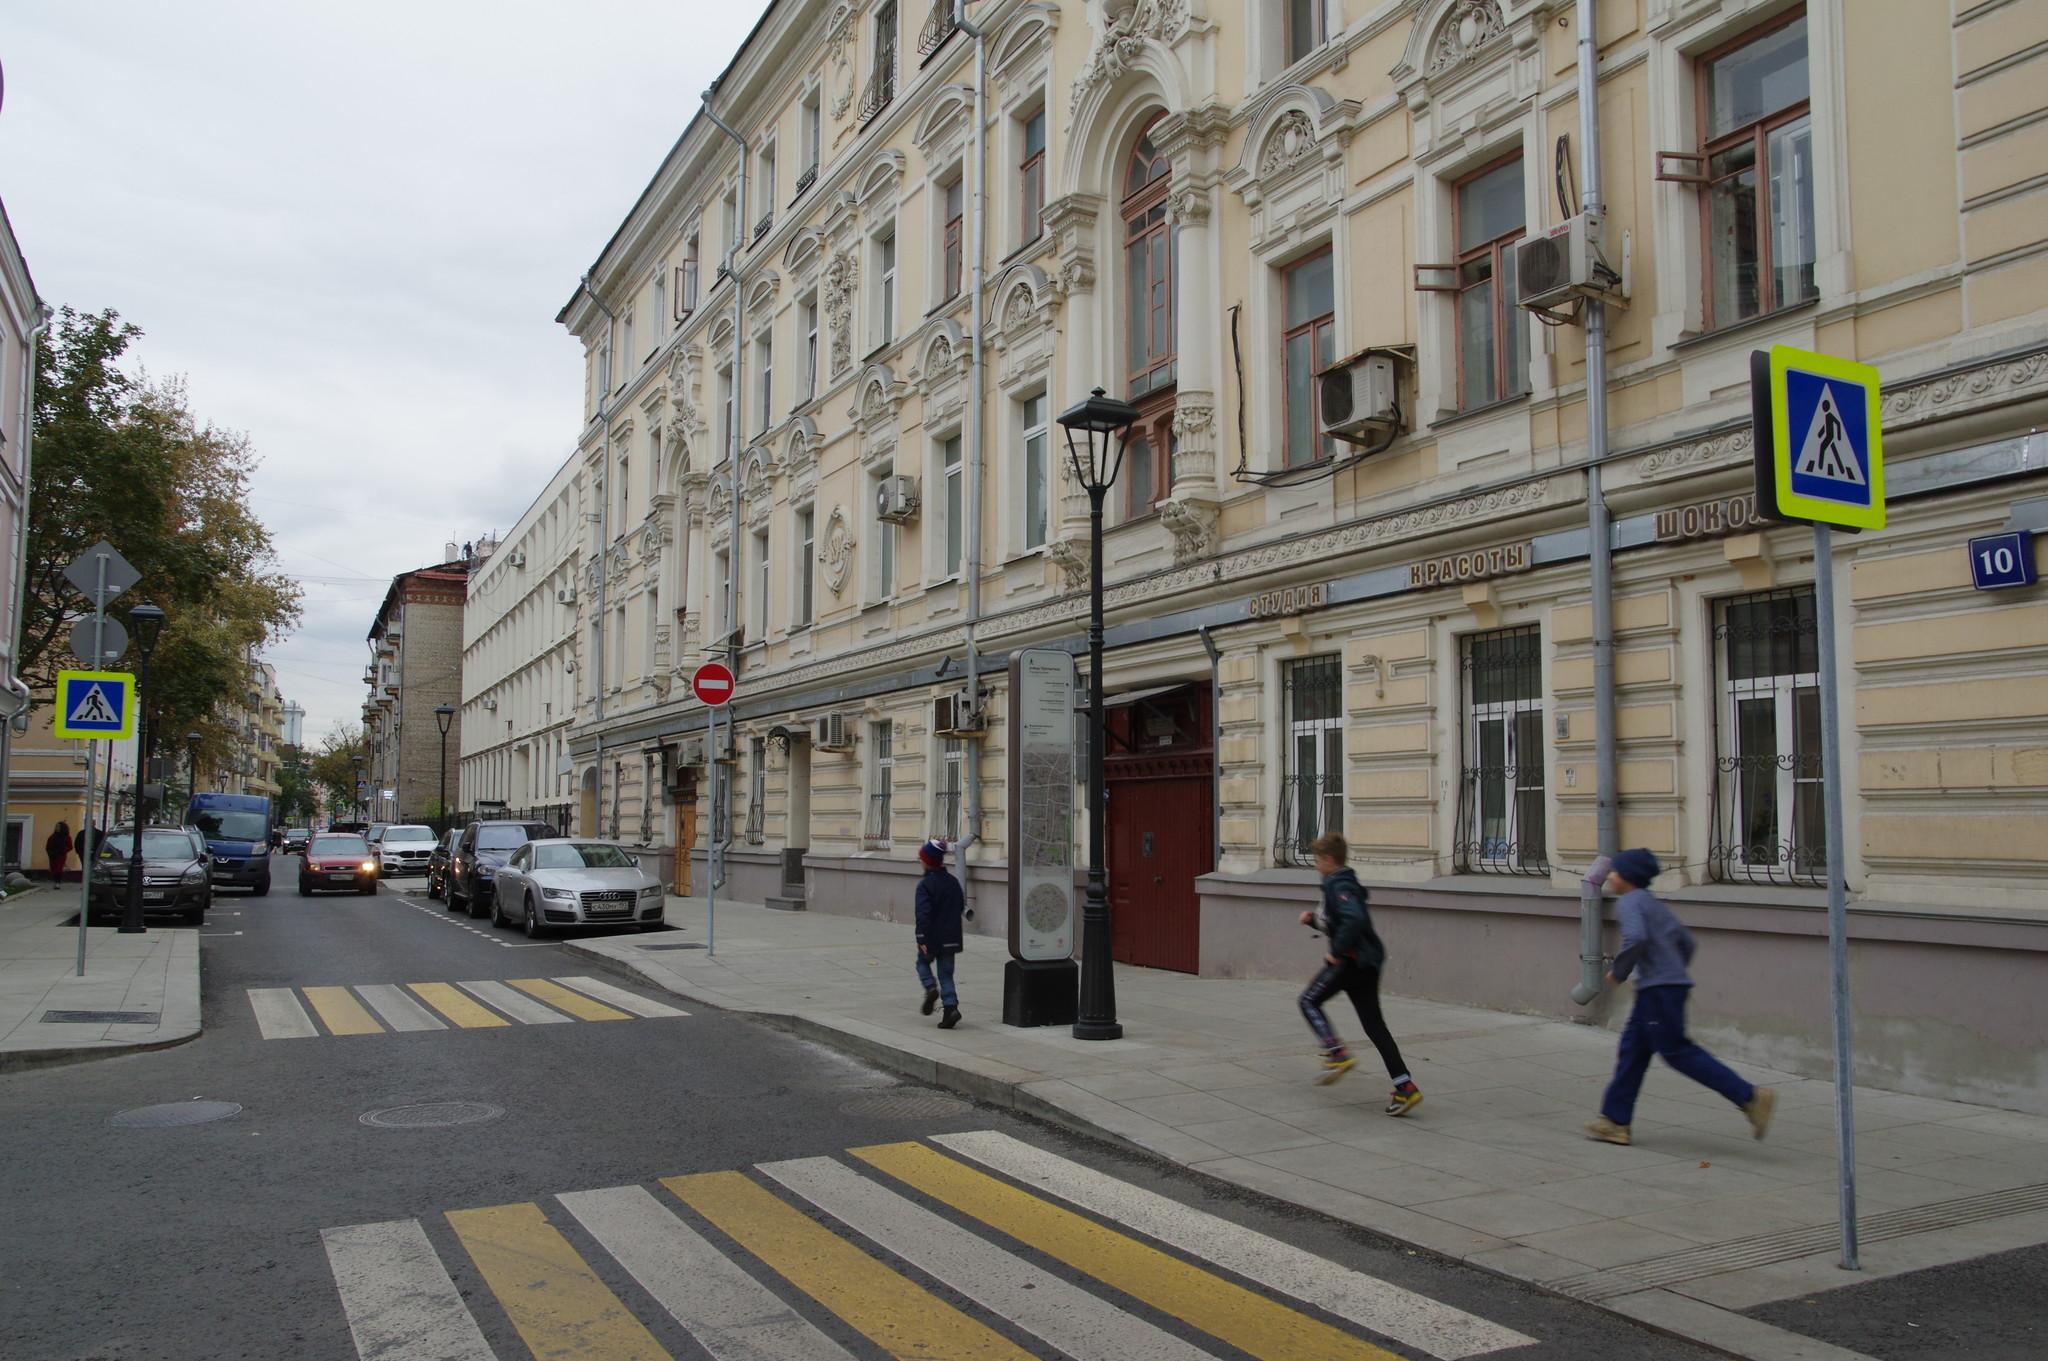 Улица Чаплыгина, дом 10. Доходный дом (1894, архитектор Иван Гаврилович Кондратенко)